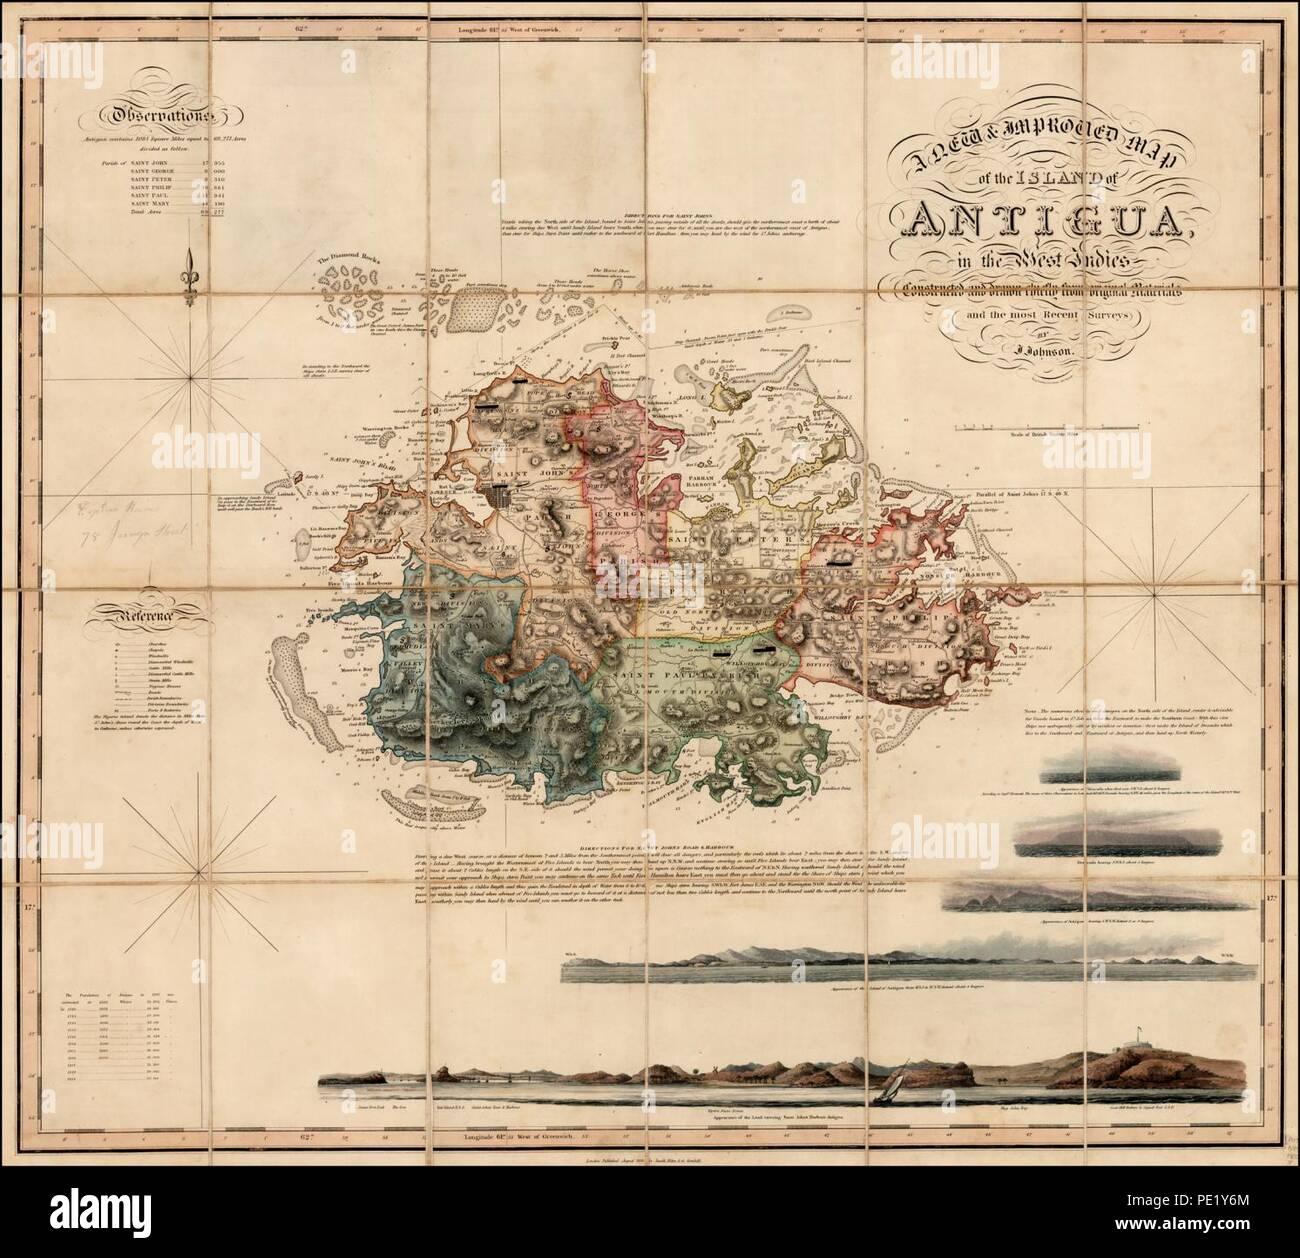 Karte Island Drucken.Antigua Karte Drucken Stockfotos Antigua Karte Drucken